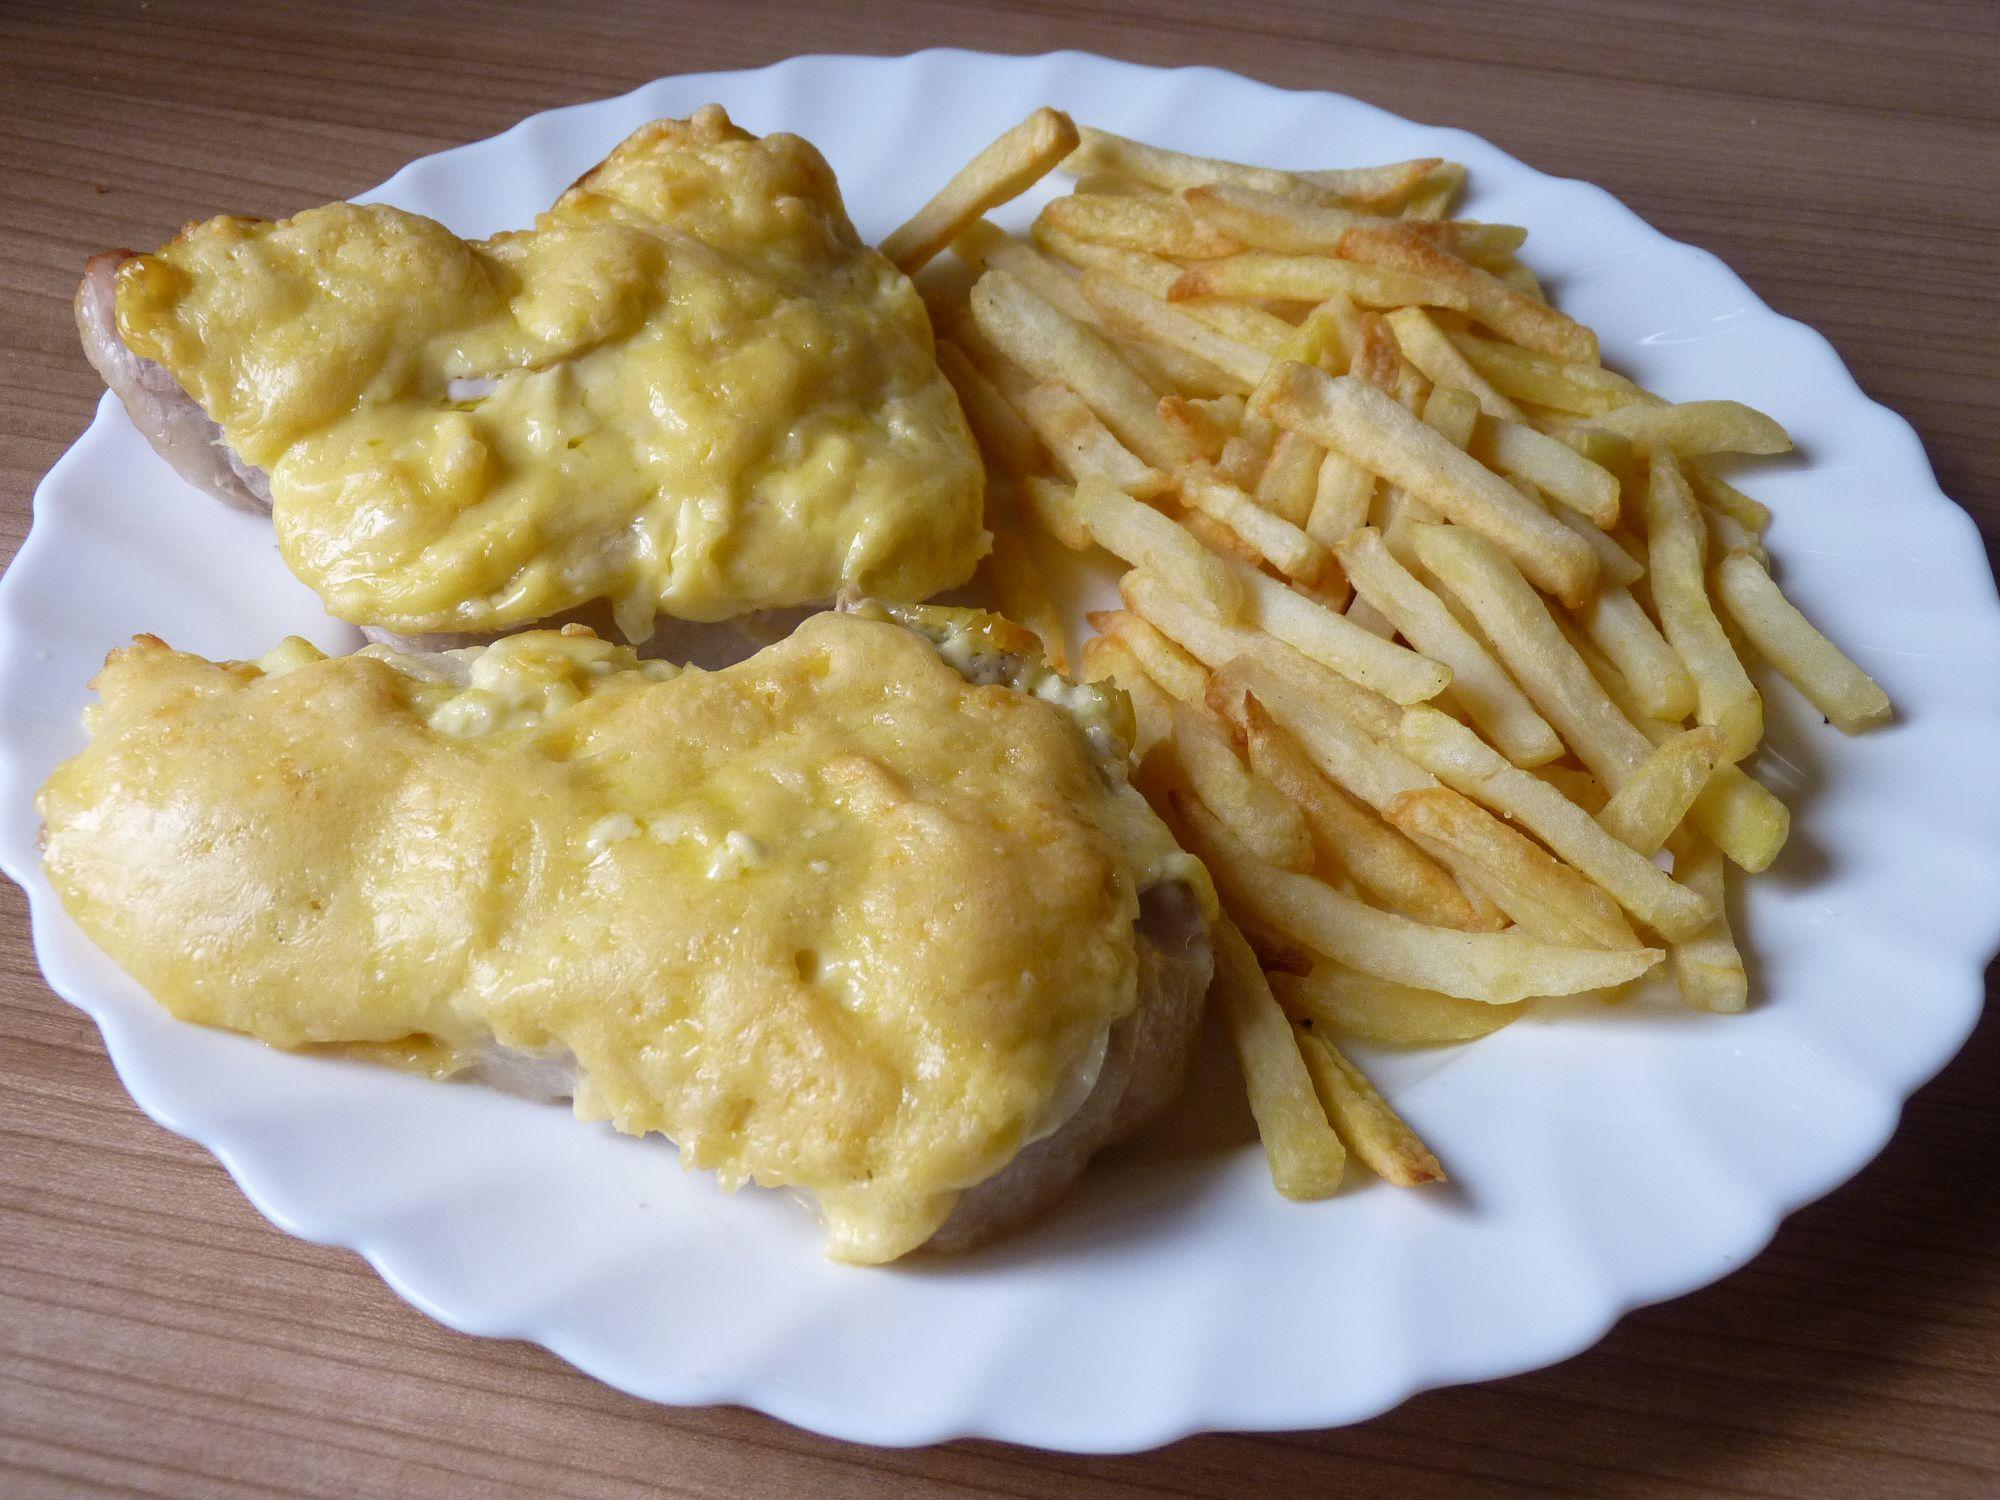 Fotografie receptu: Vepřové kotlety s majonézou